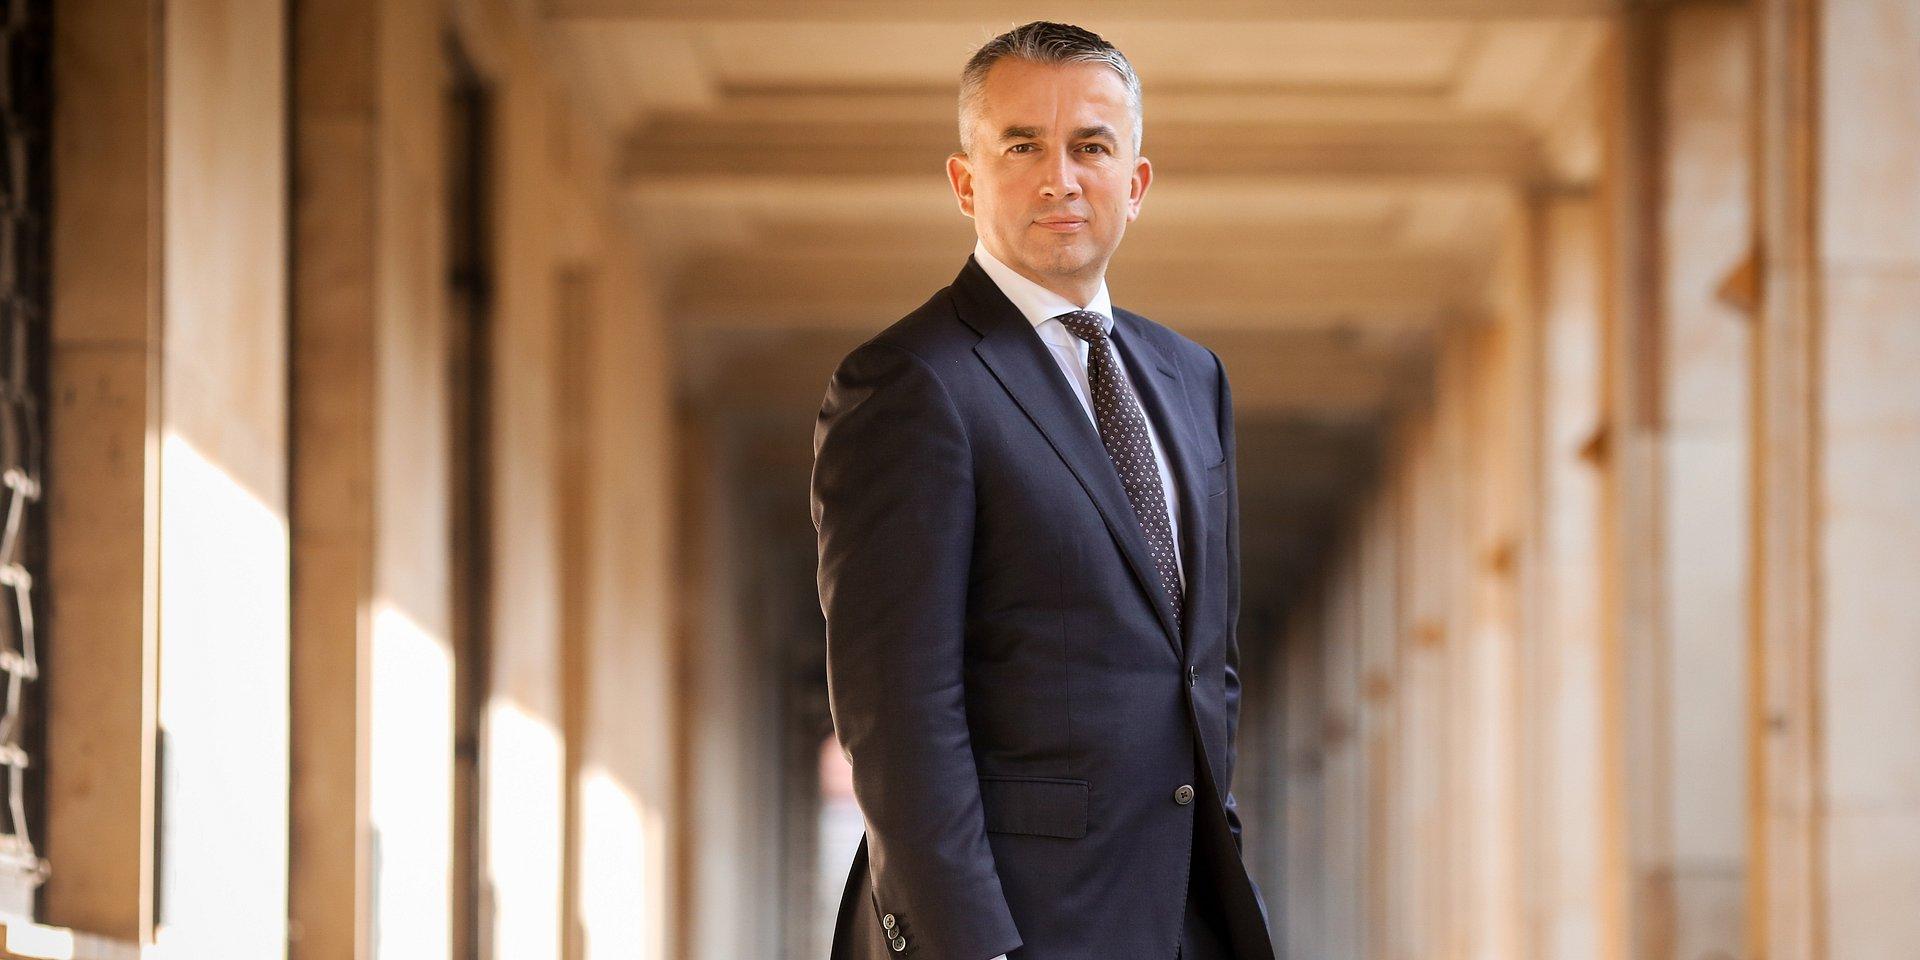 Jacek Levernes joins the Board of Directors of Globalworth Holding B.V.